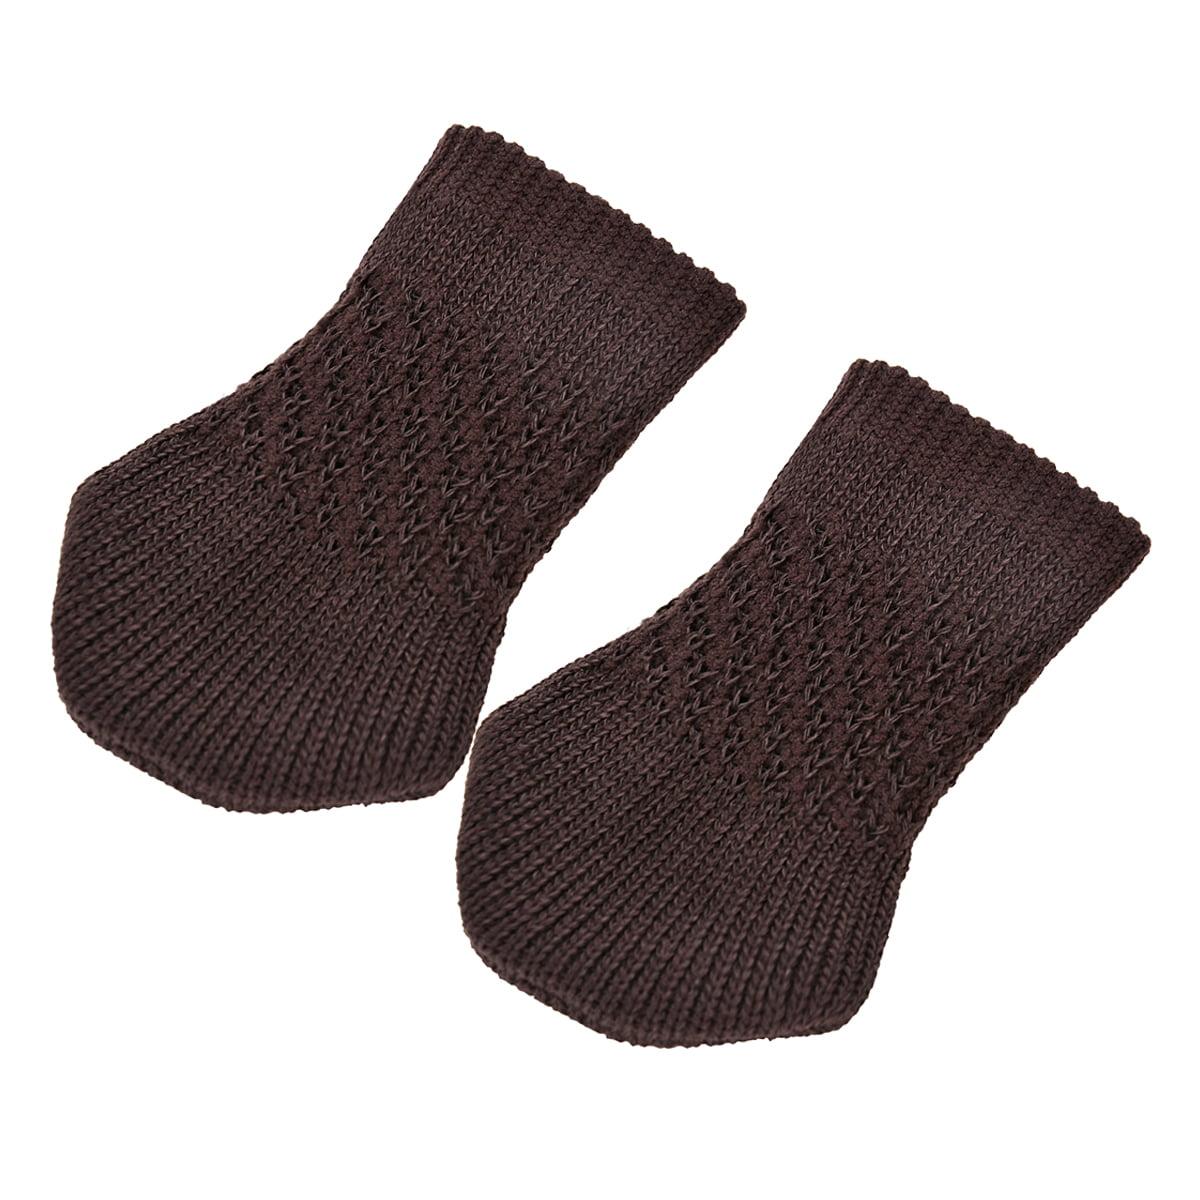 24Pcs Chair Socks, Outgeek Knitted Anti-skid Chair Leg Floor ...